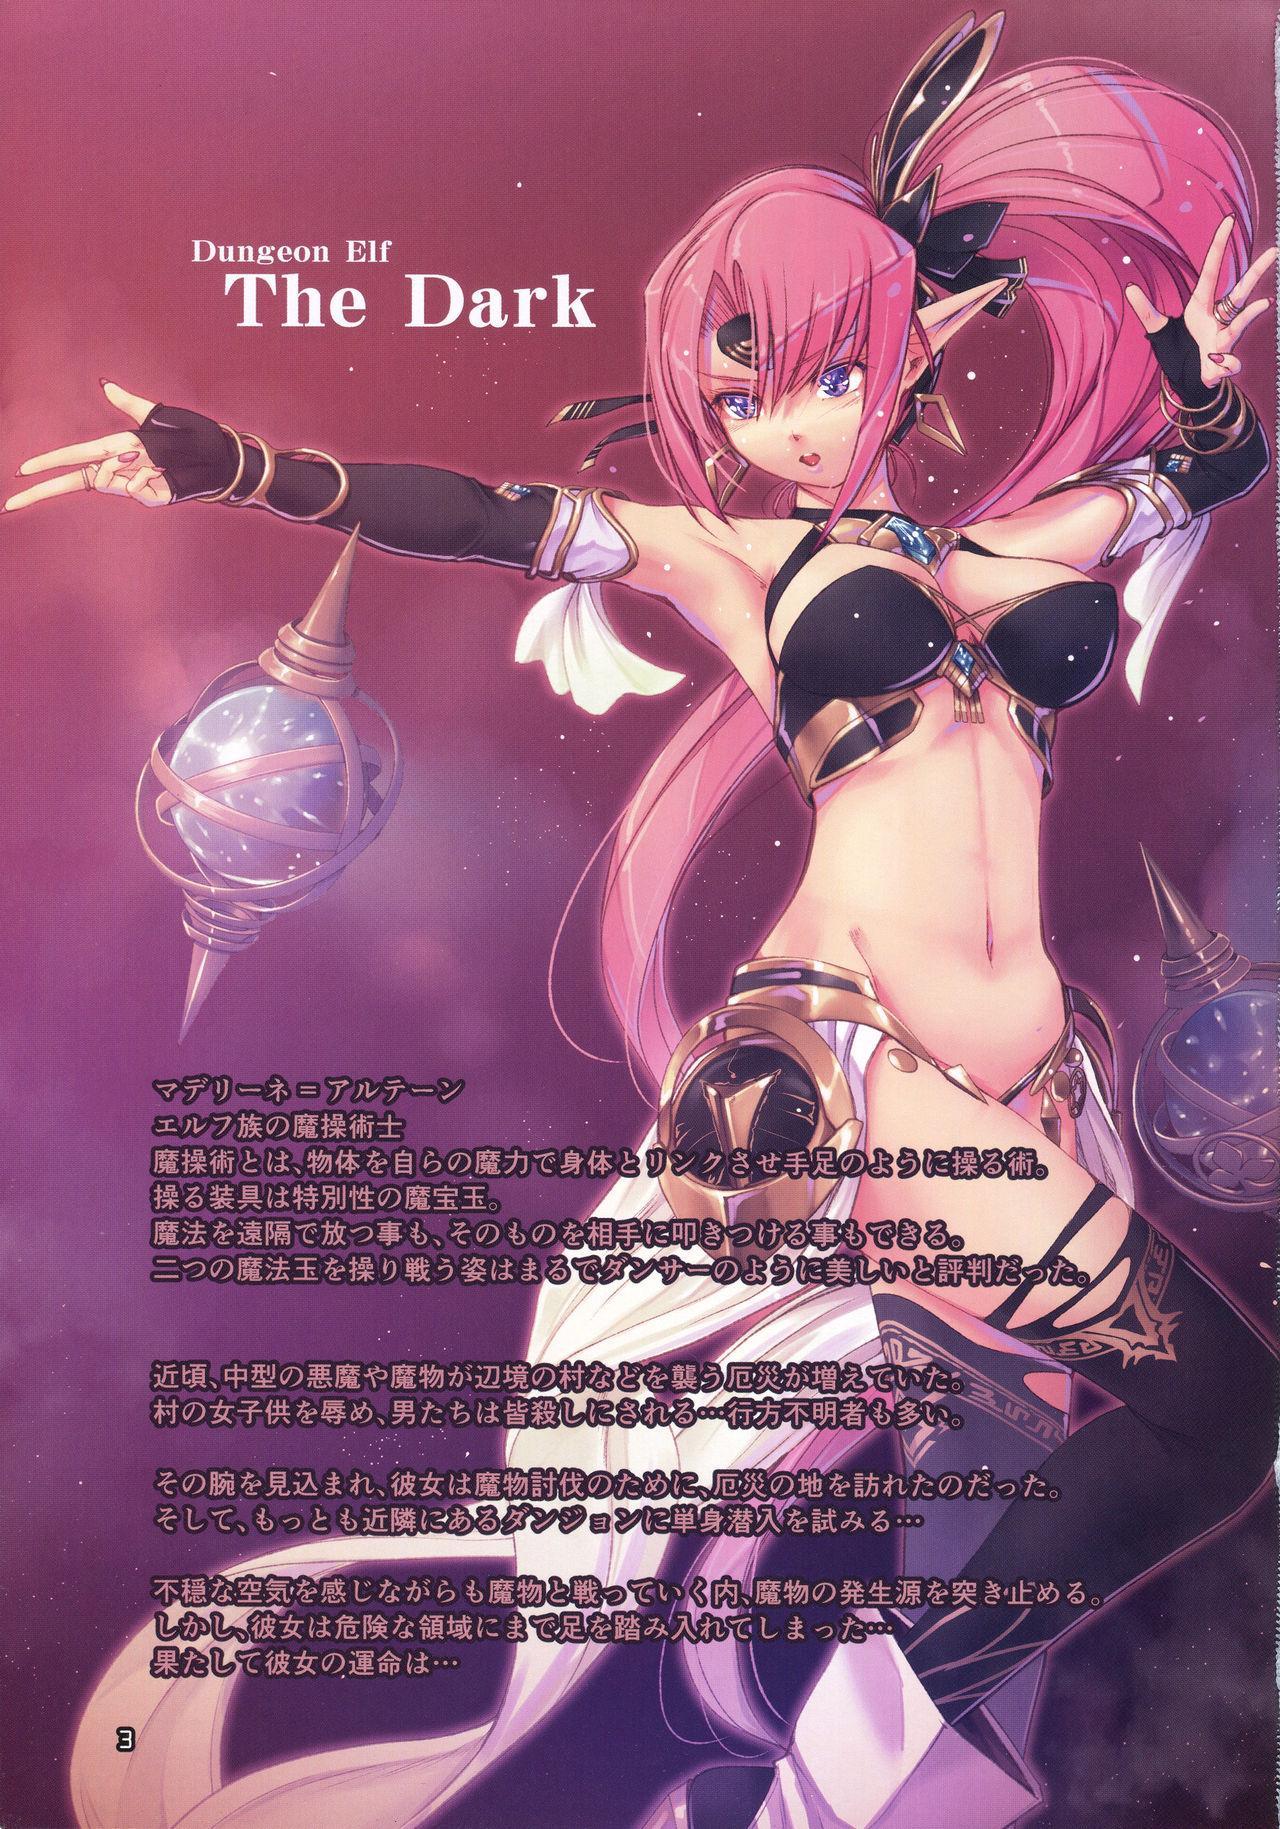 Dungeon Elf The Dark 1